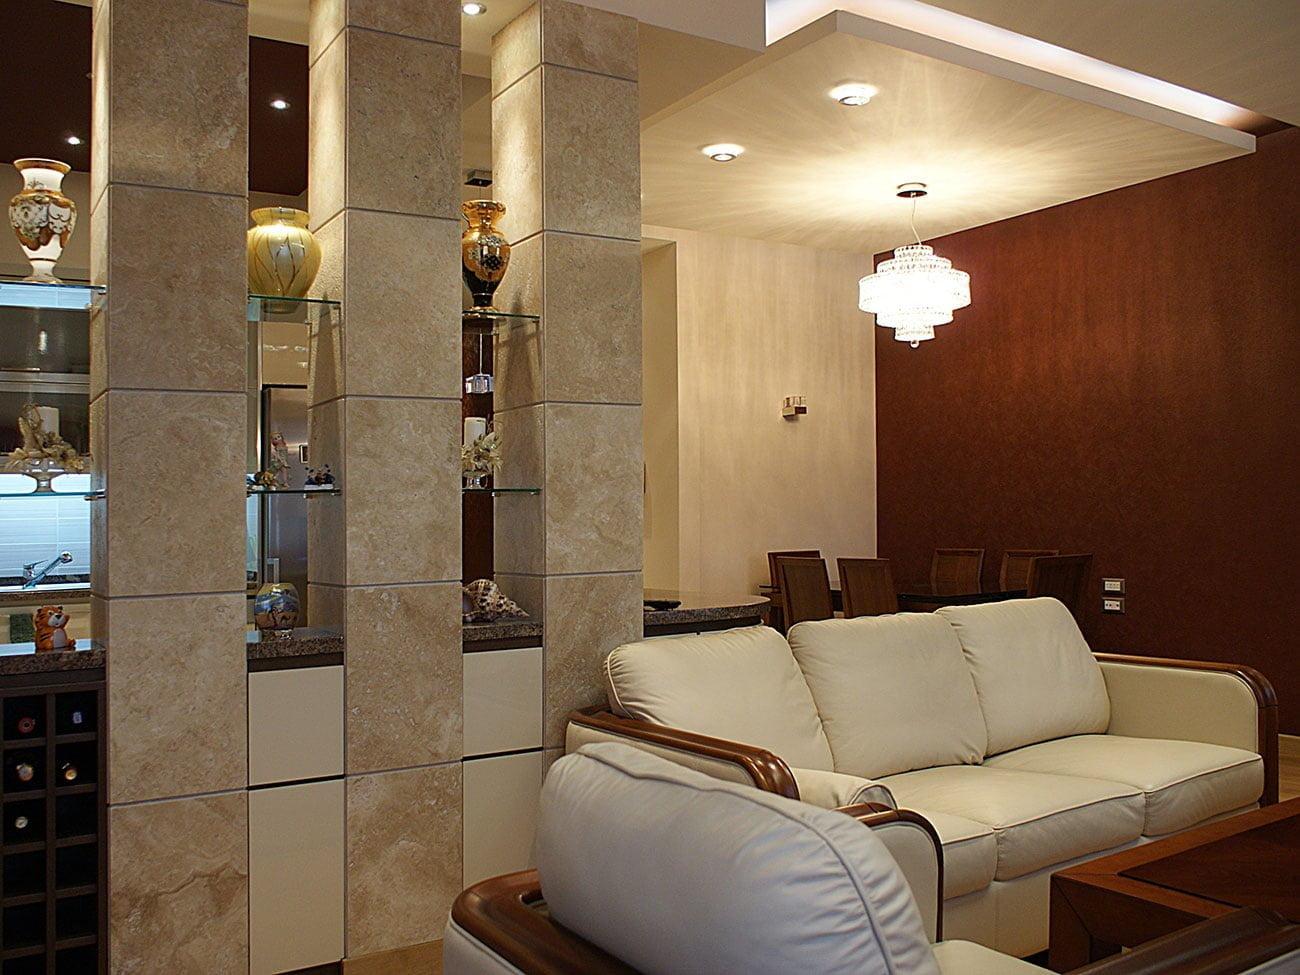 фото лёгких колонн, отделяющих кухню от гостиной и ТВ зоны с кожаным диваном